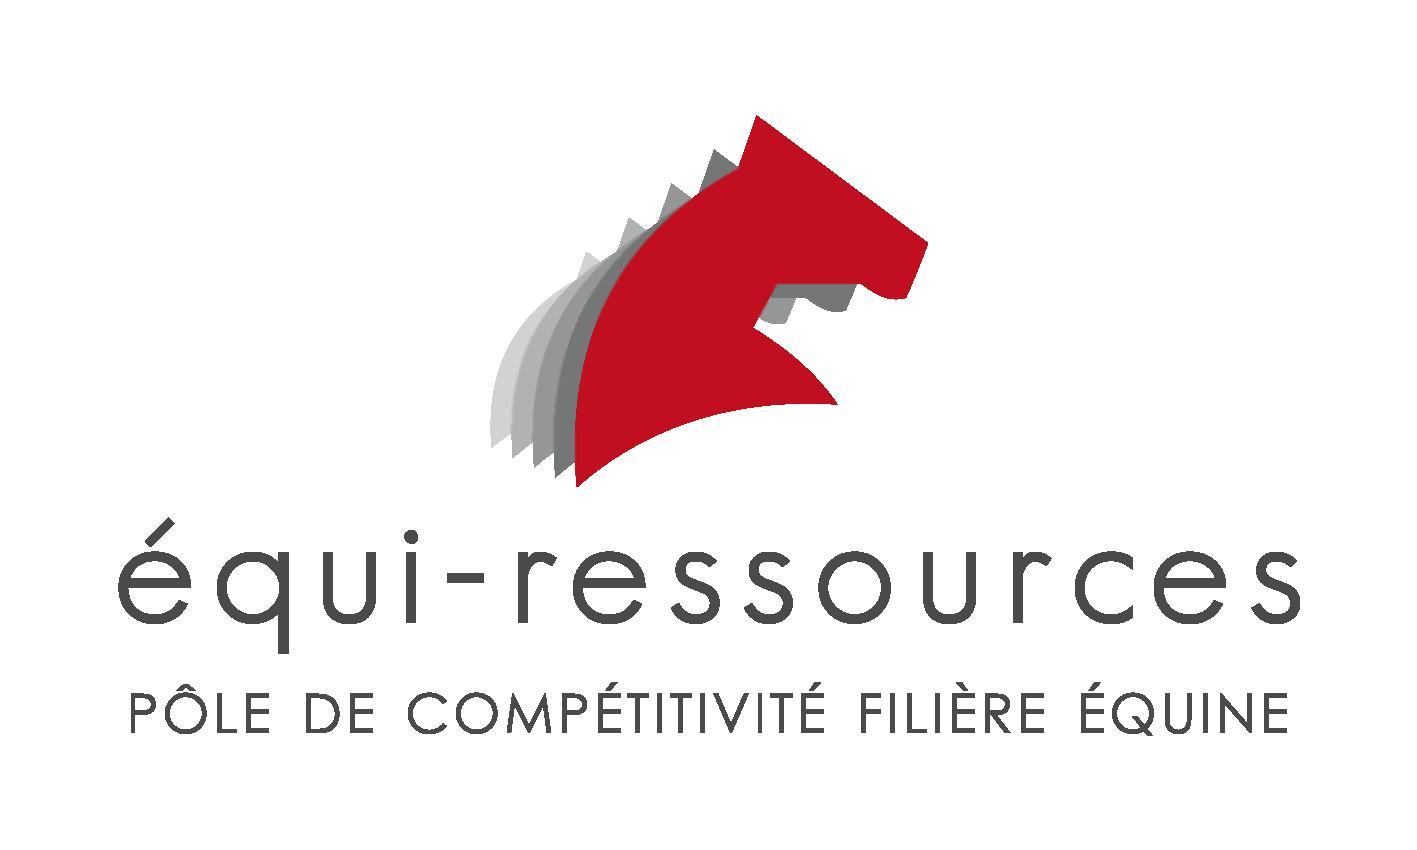 Bilan des offres d'emploi Equiressources au 31 août 2021